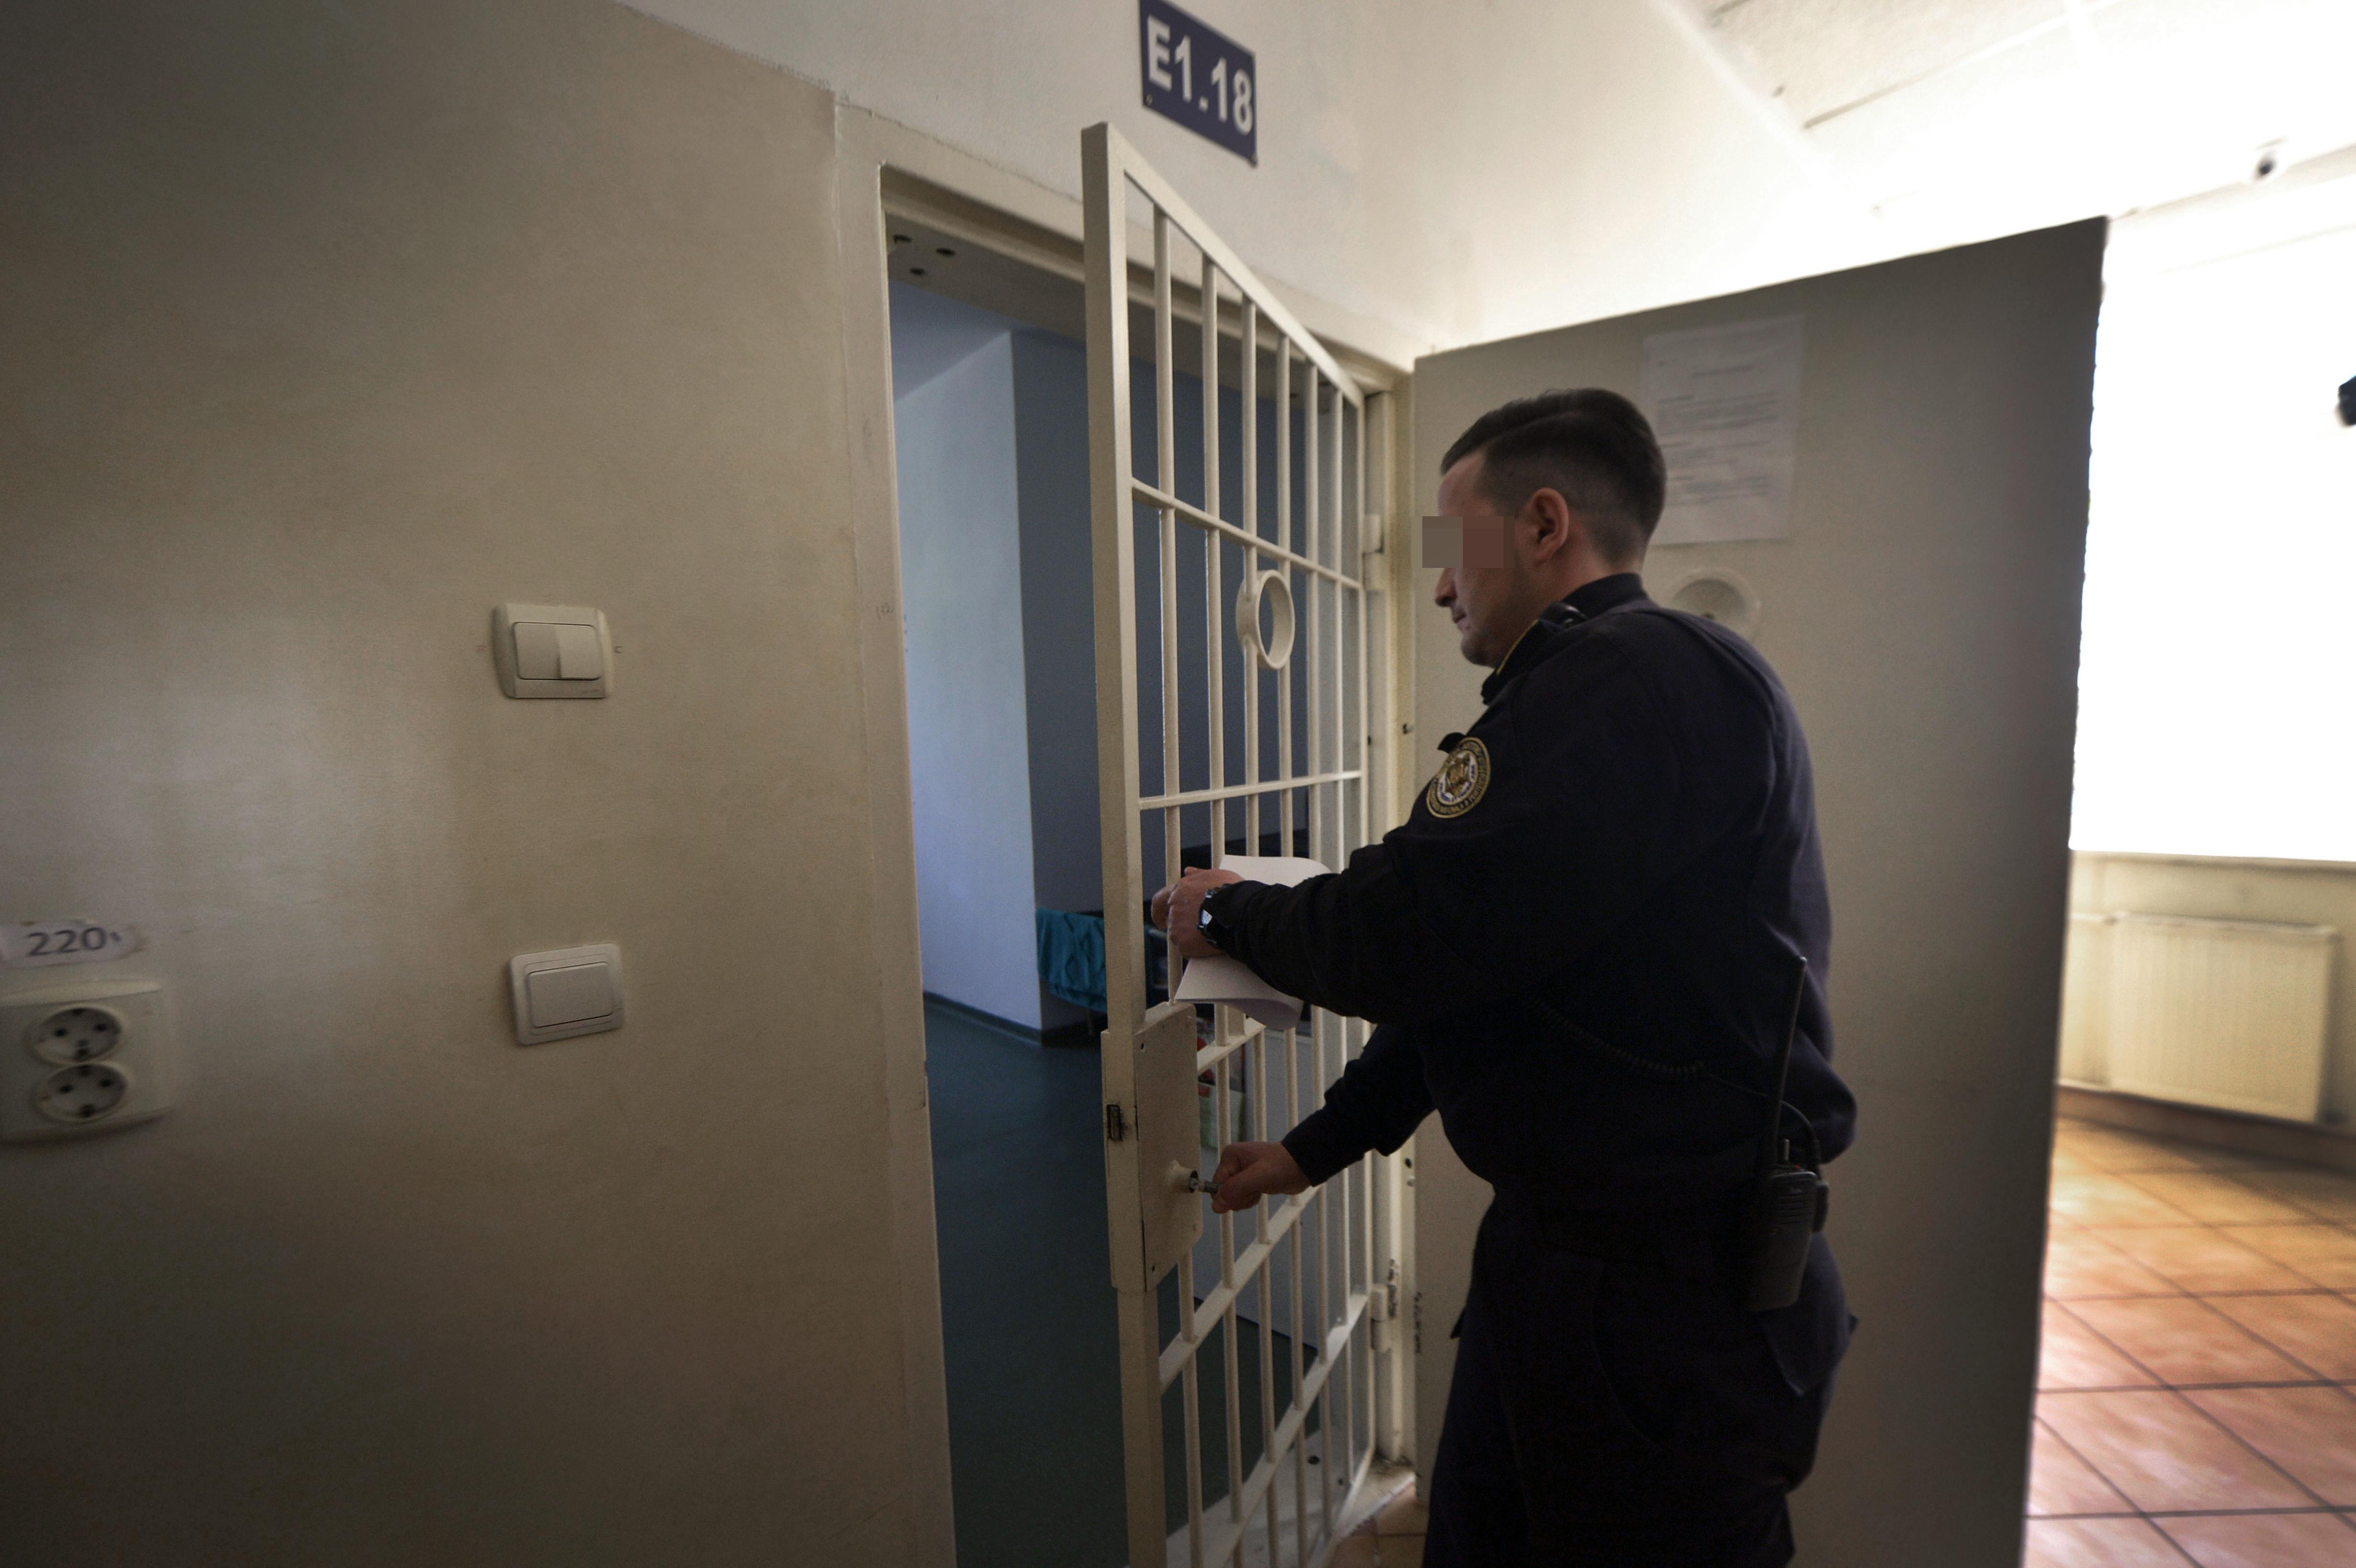 O româncă închisă pe nedrept în Marea Britanie a fost eliberată după 13 luni. Femeia a născut în închisoare